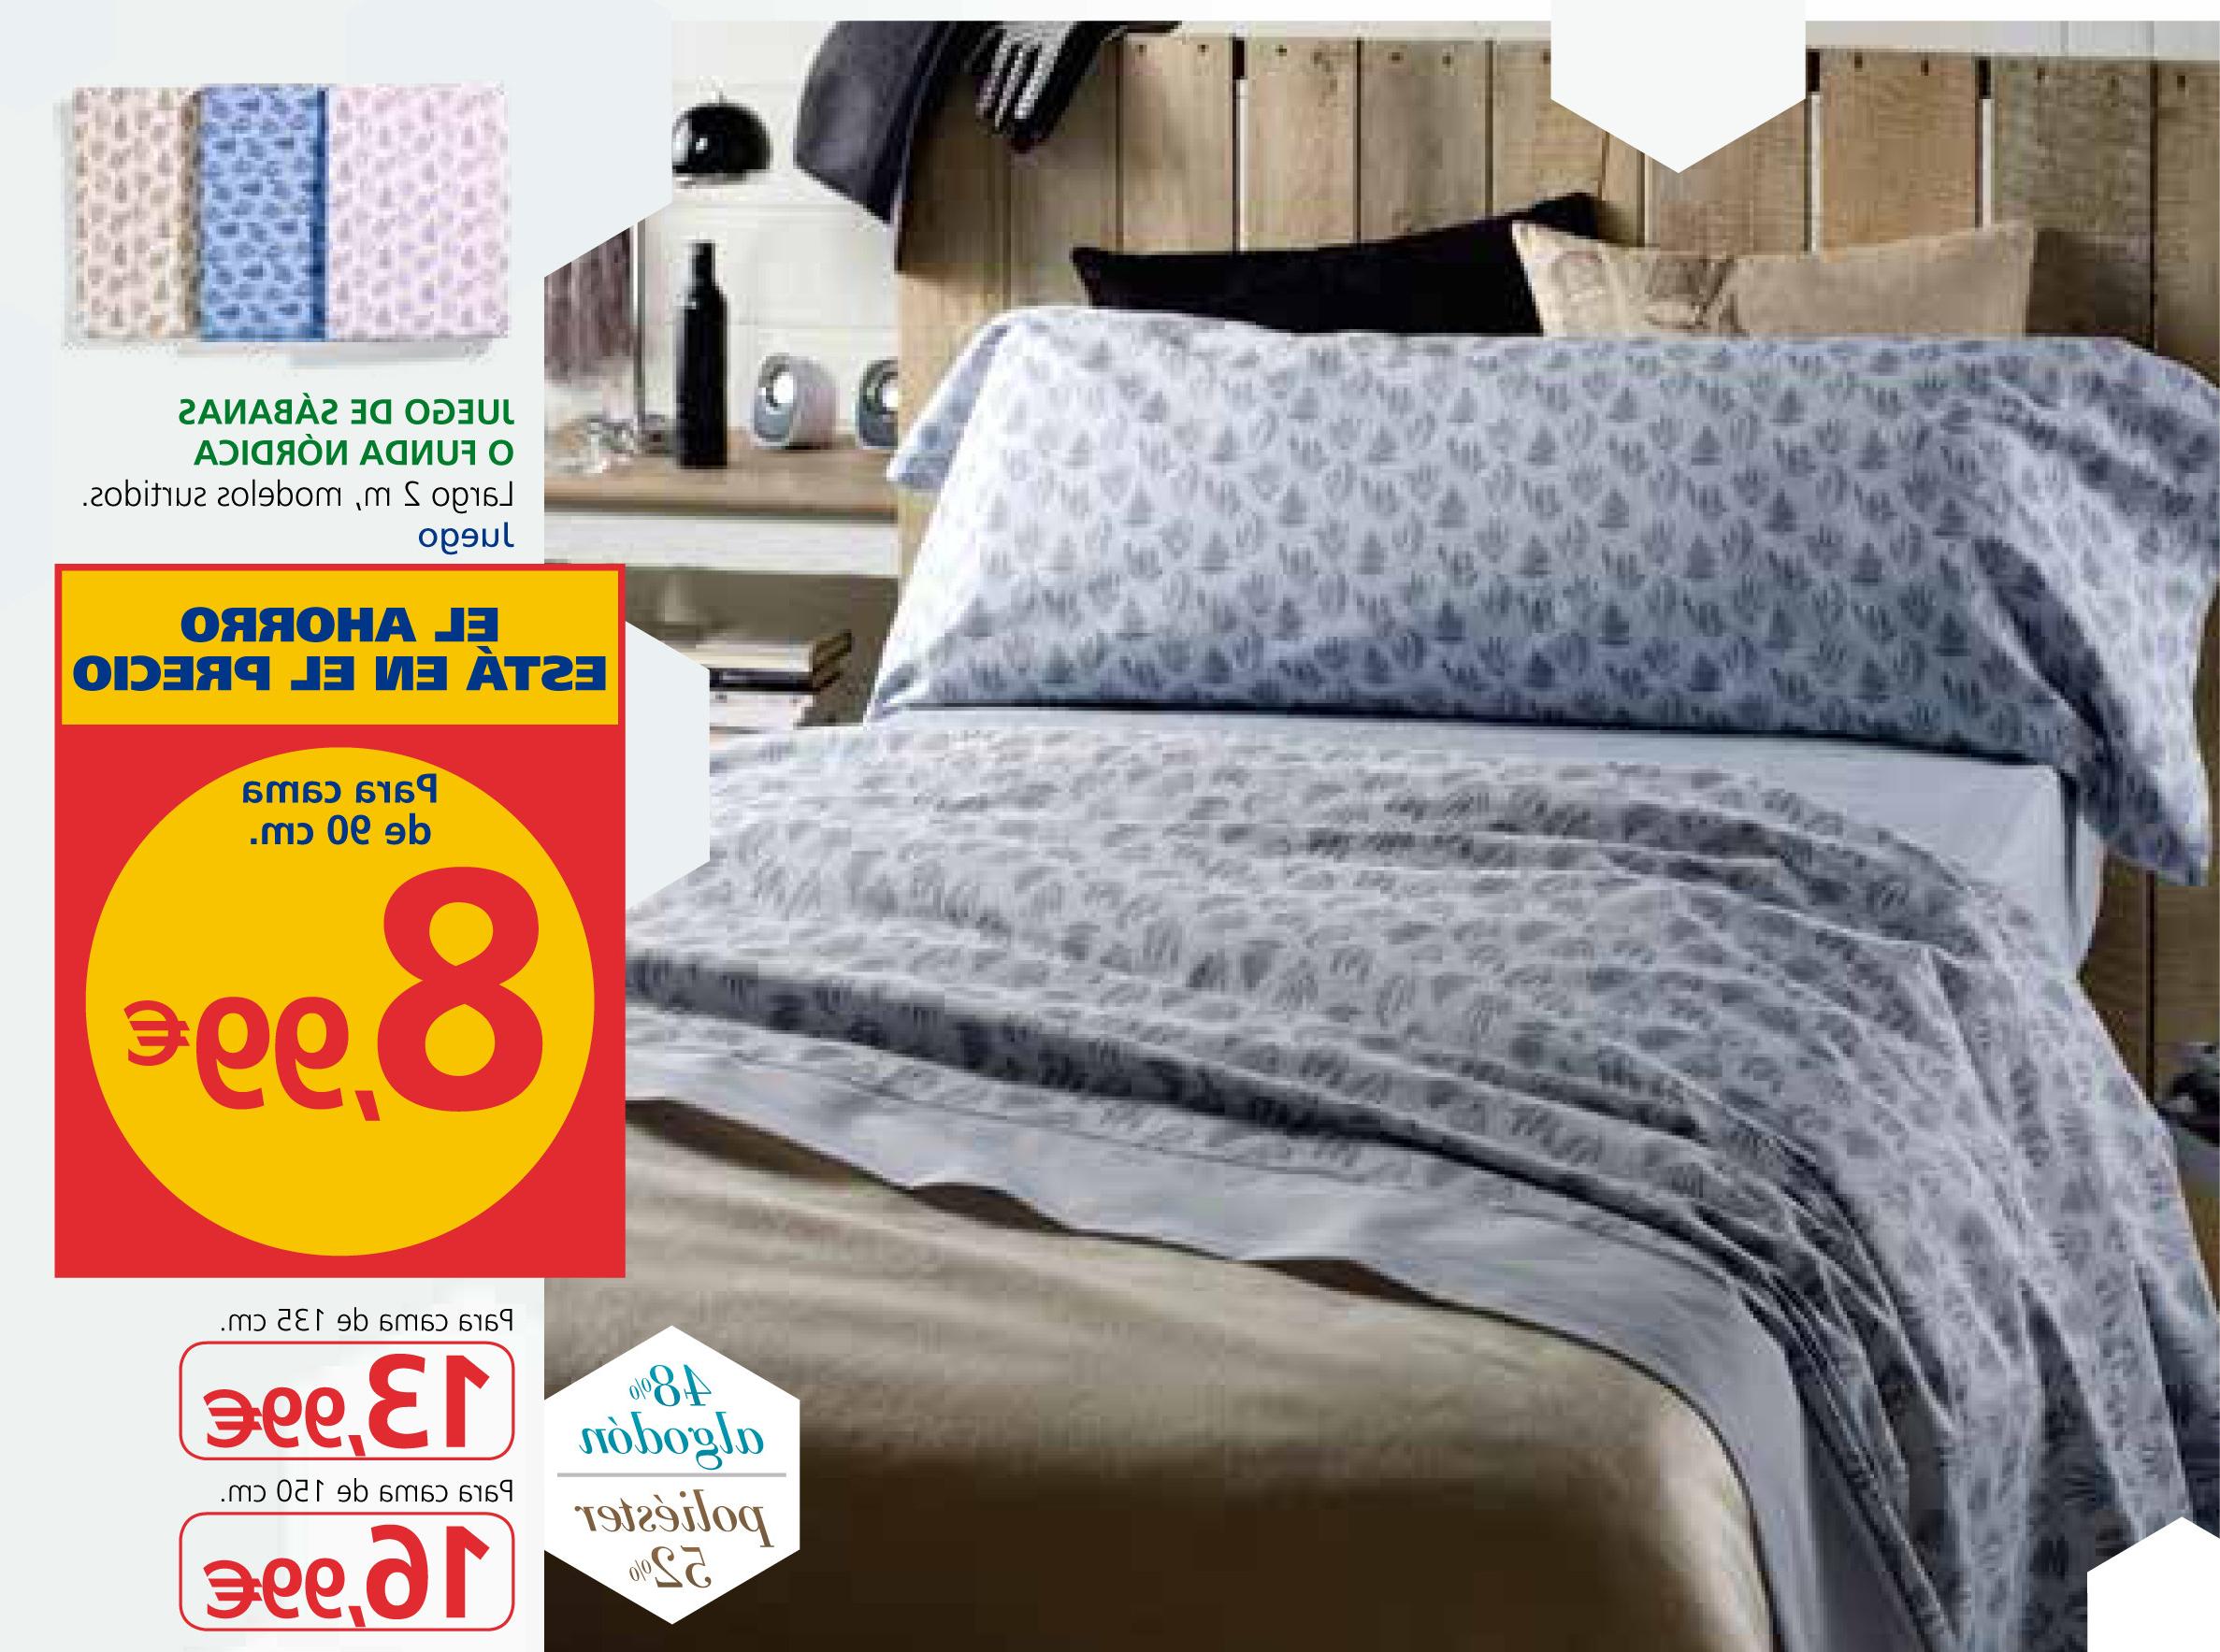 Fundas sofa Ajustables Carrefour 9fdy Oferta Cama Elastica Carrefour A Fundas sofa Ajustables Carrefour